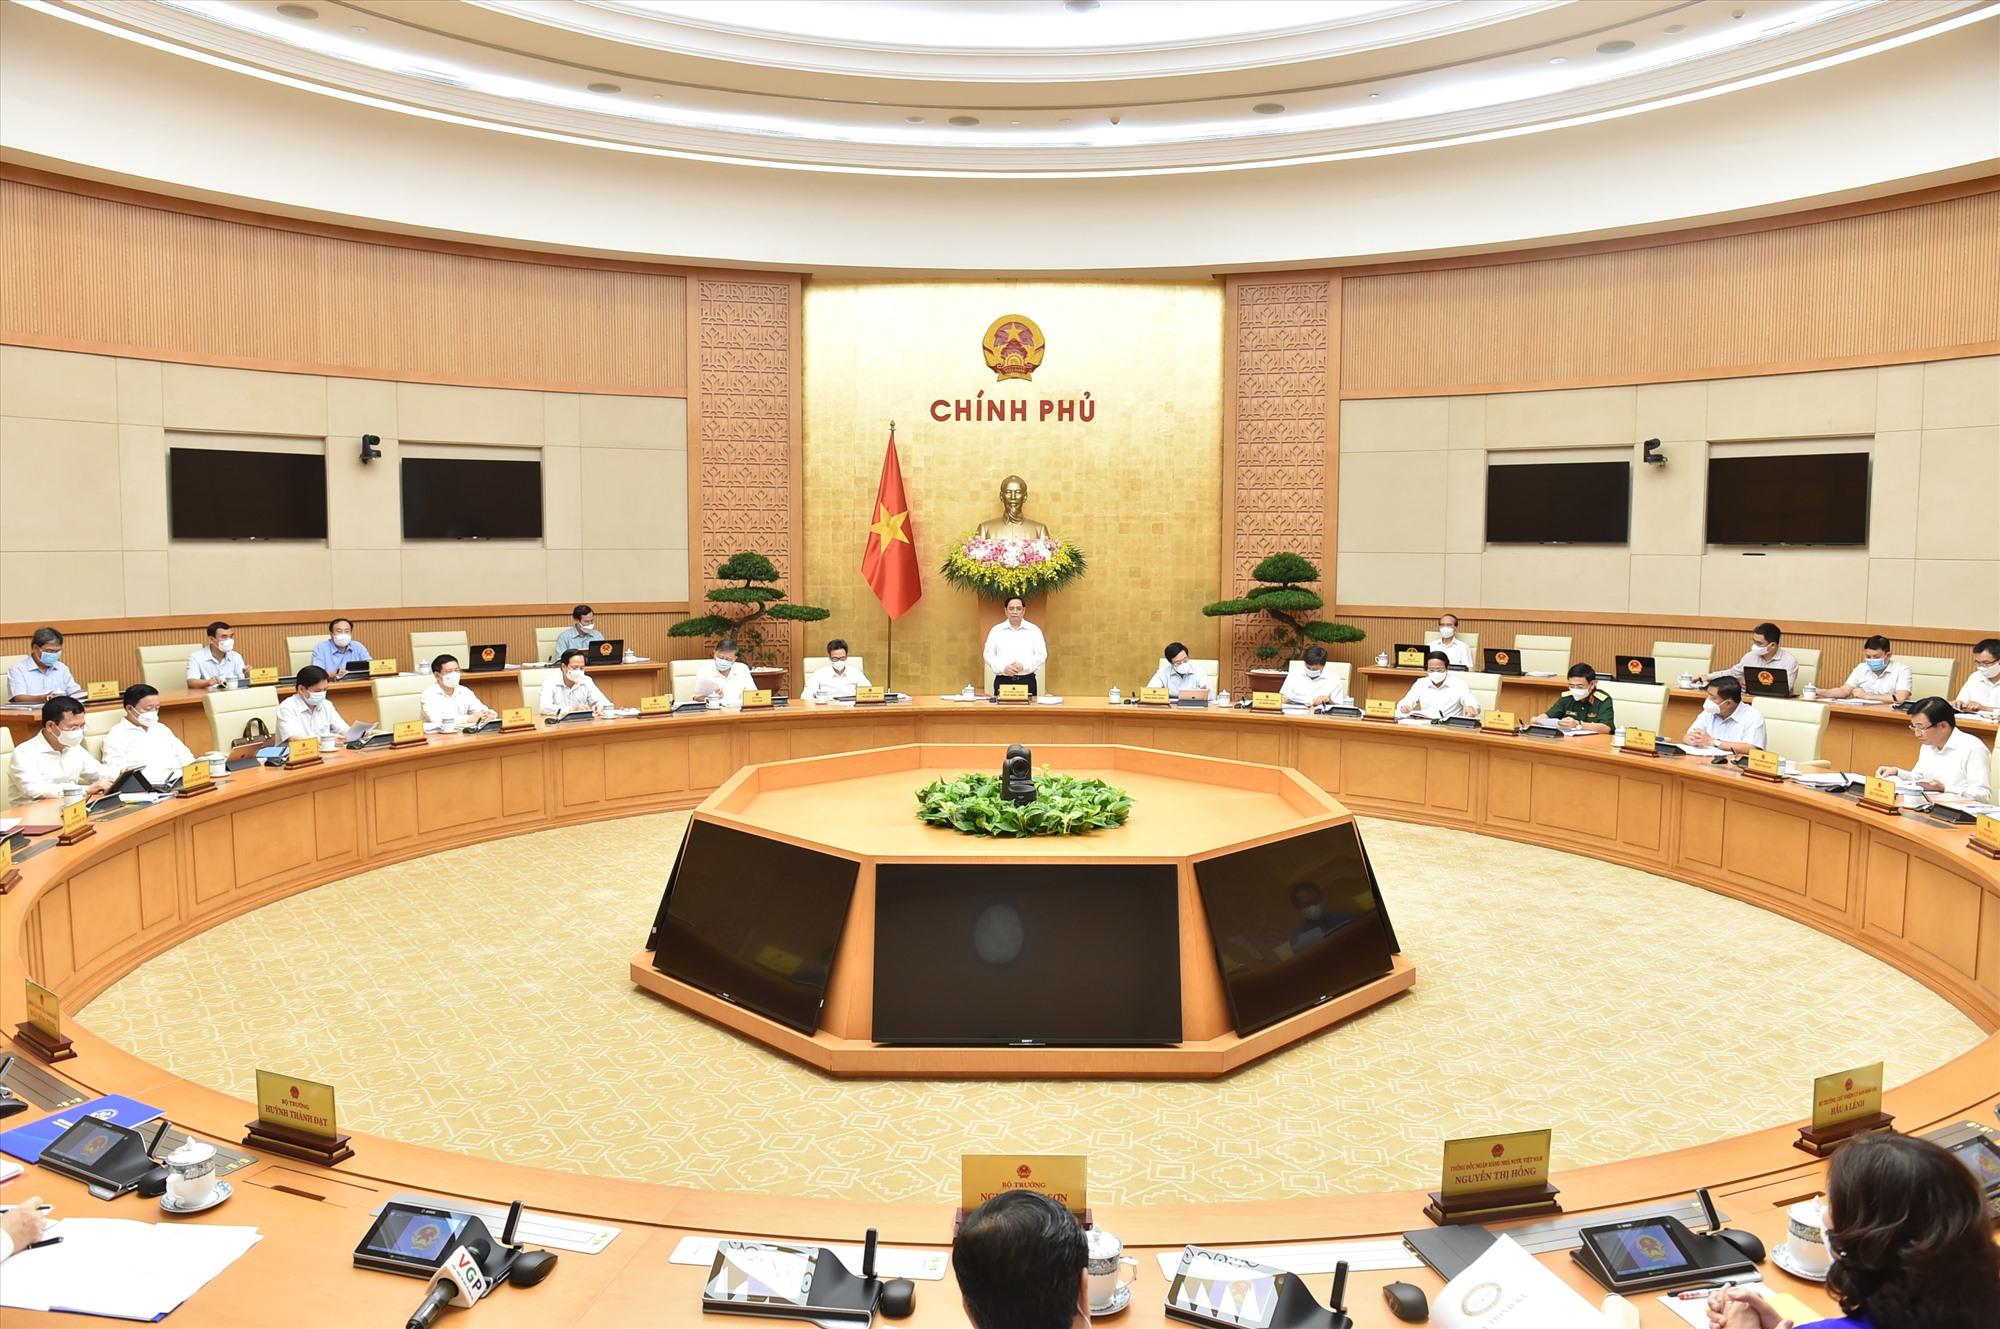 Một phiên họp Chính phủ - Ảnh: VGP